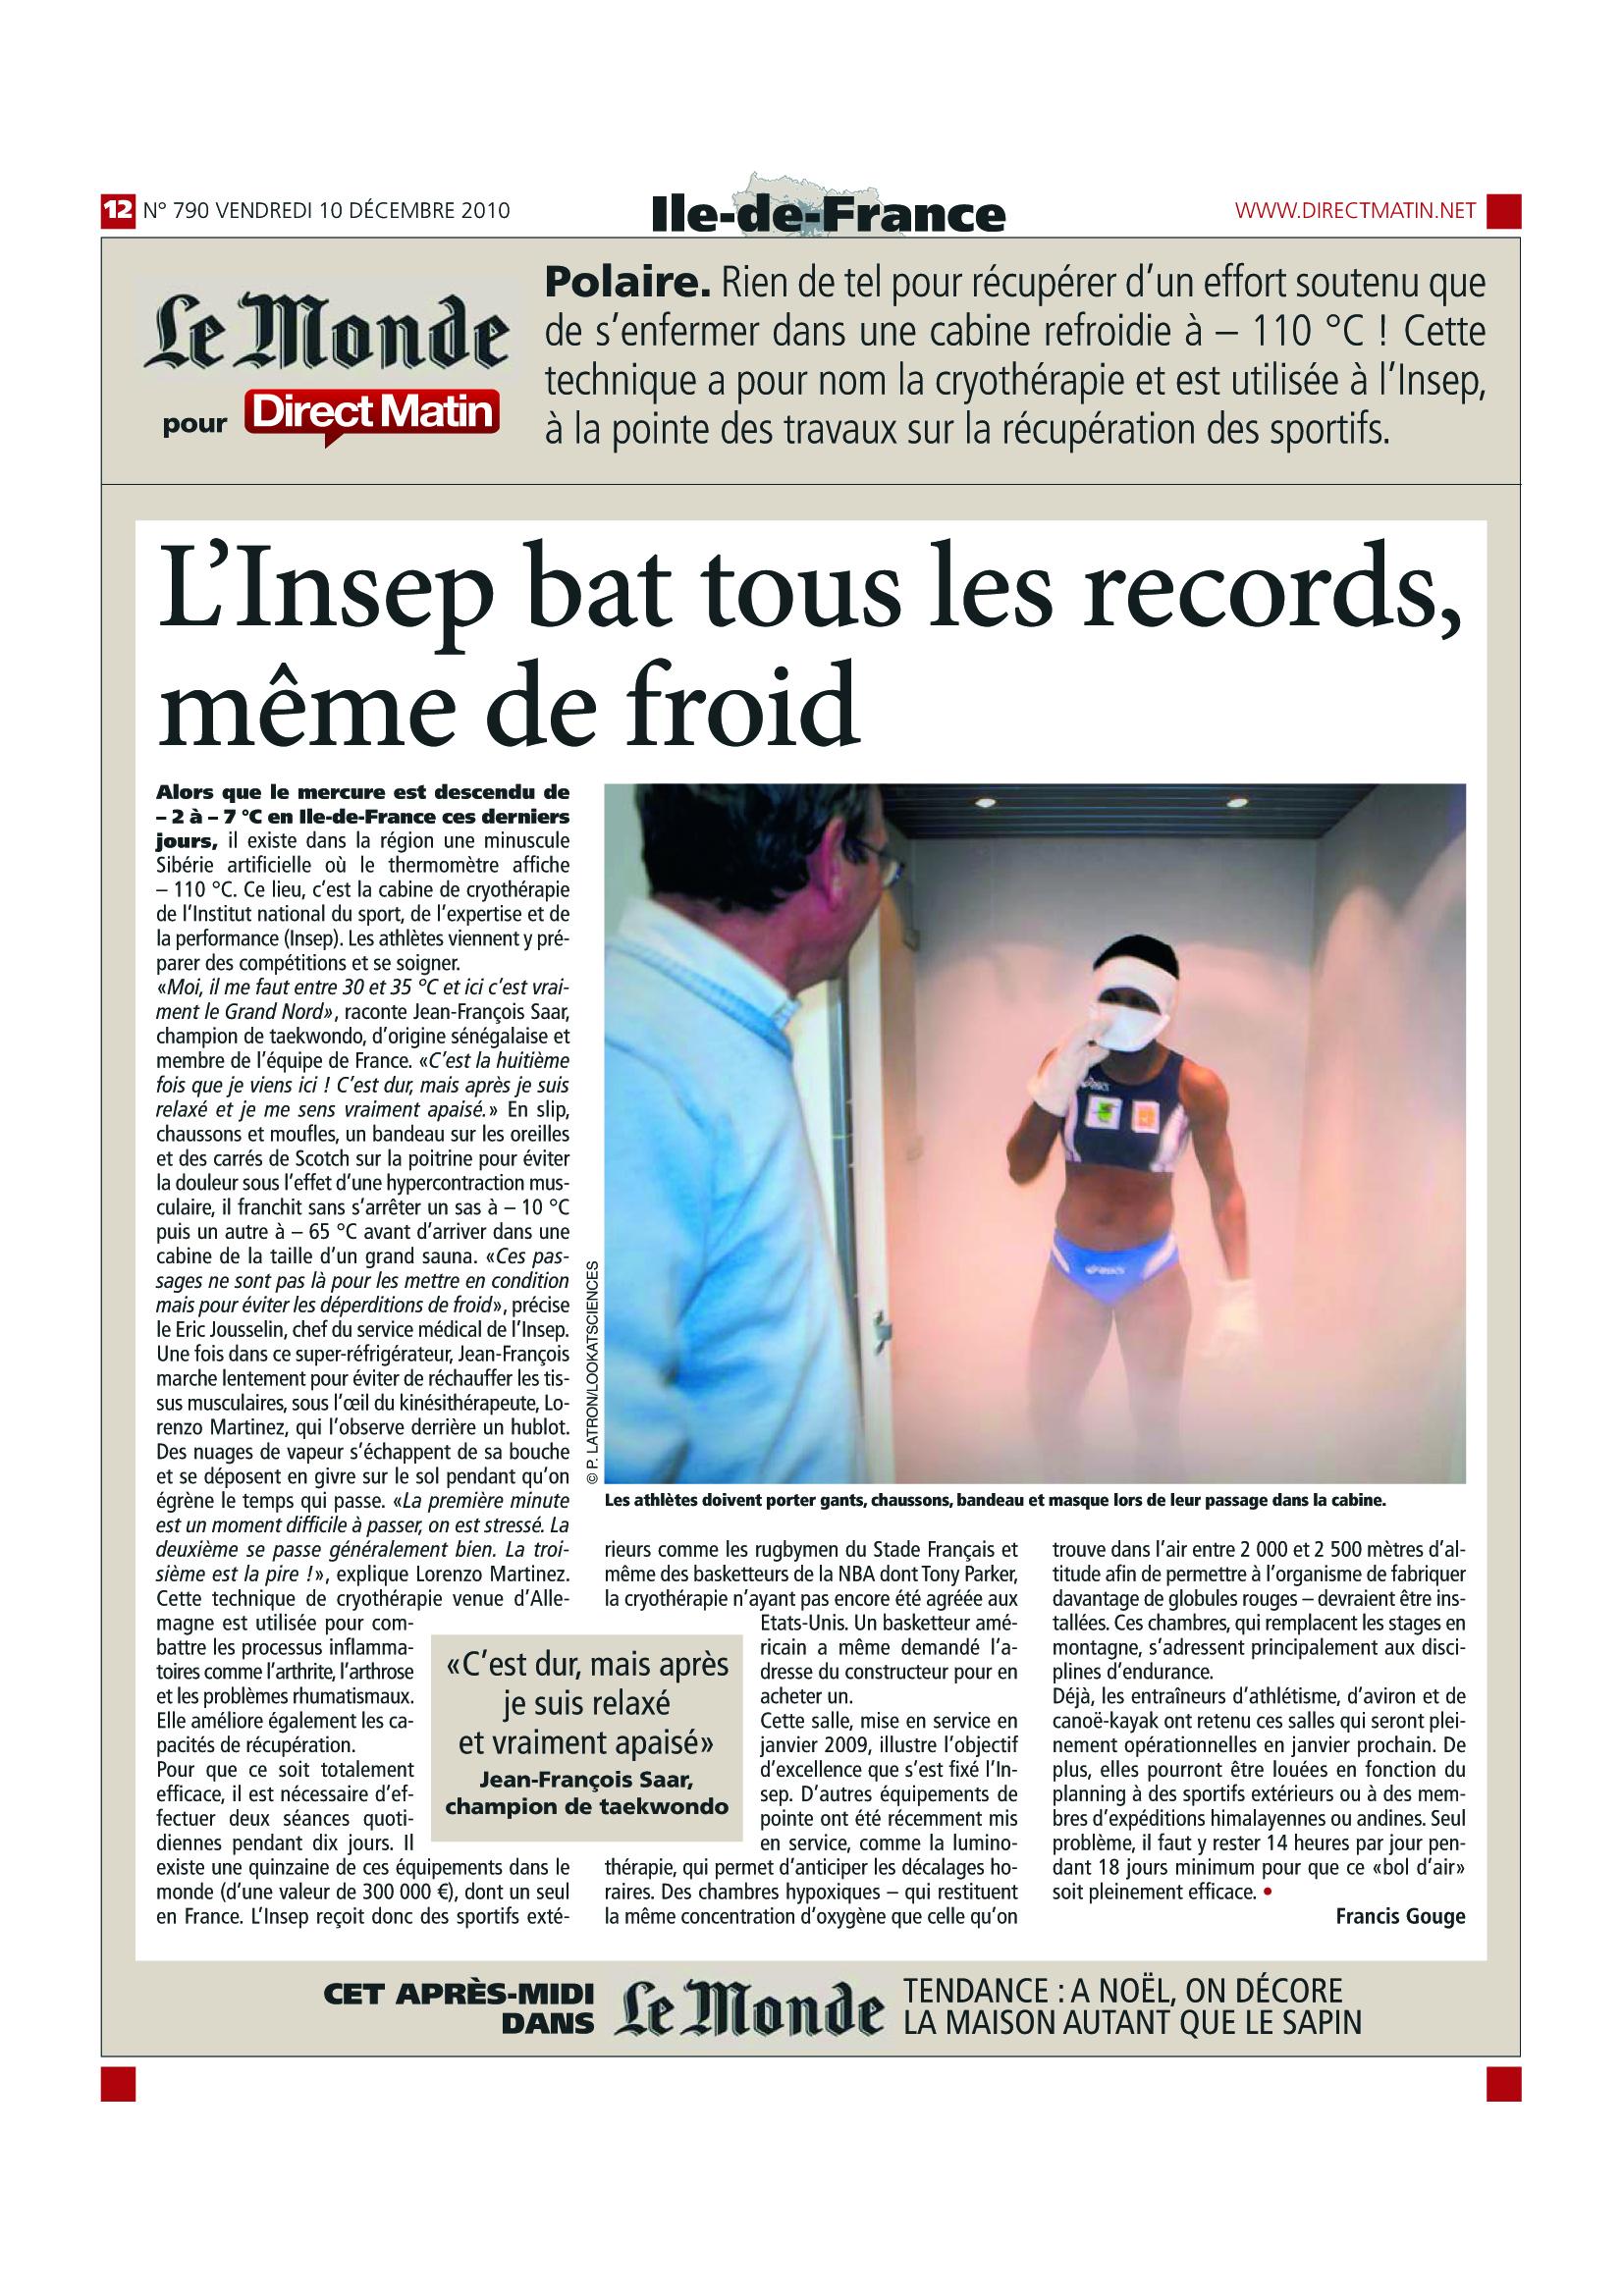 direct_matin-10_12_201012.jpg